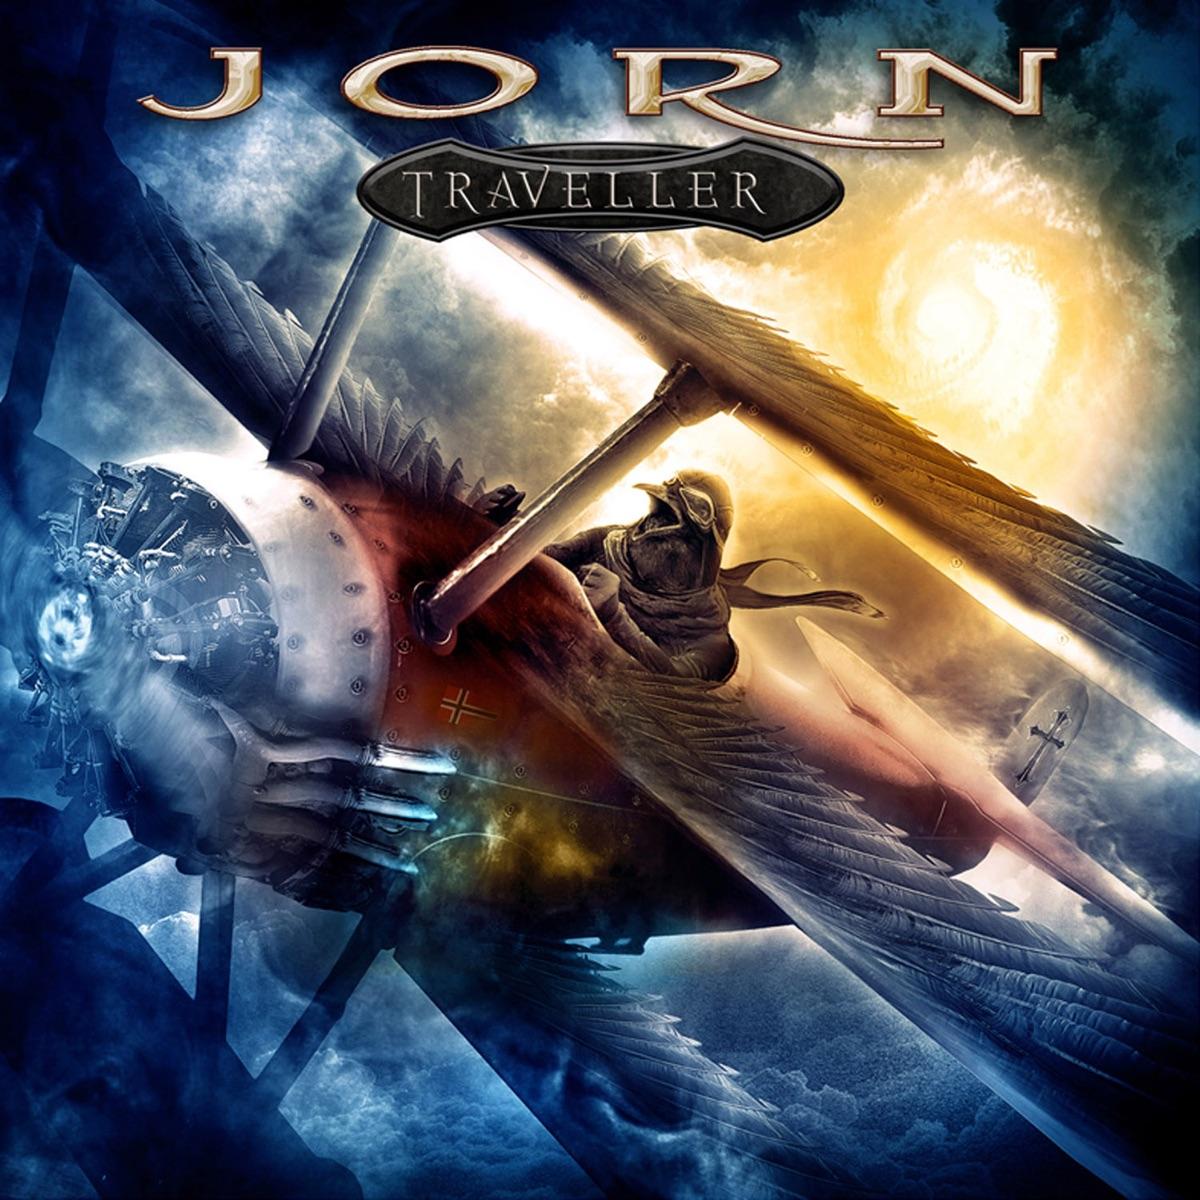 Traveller Jorn CD cover